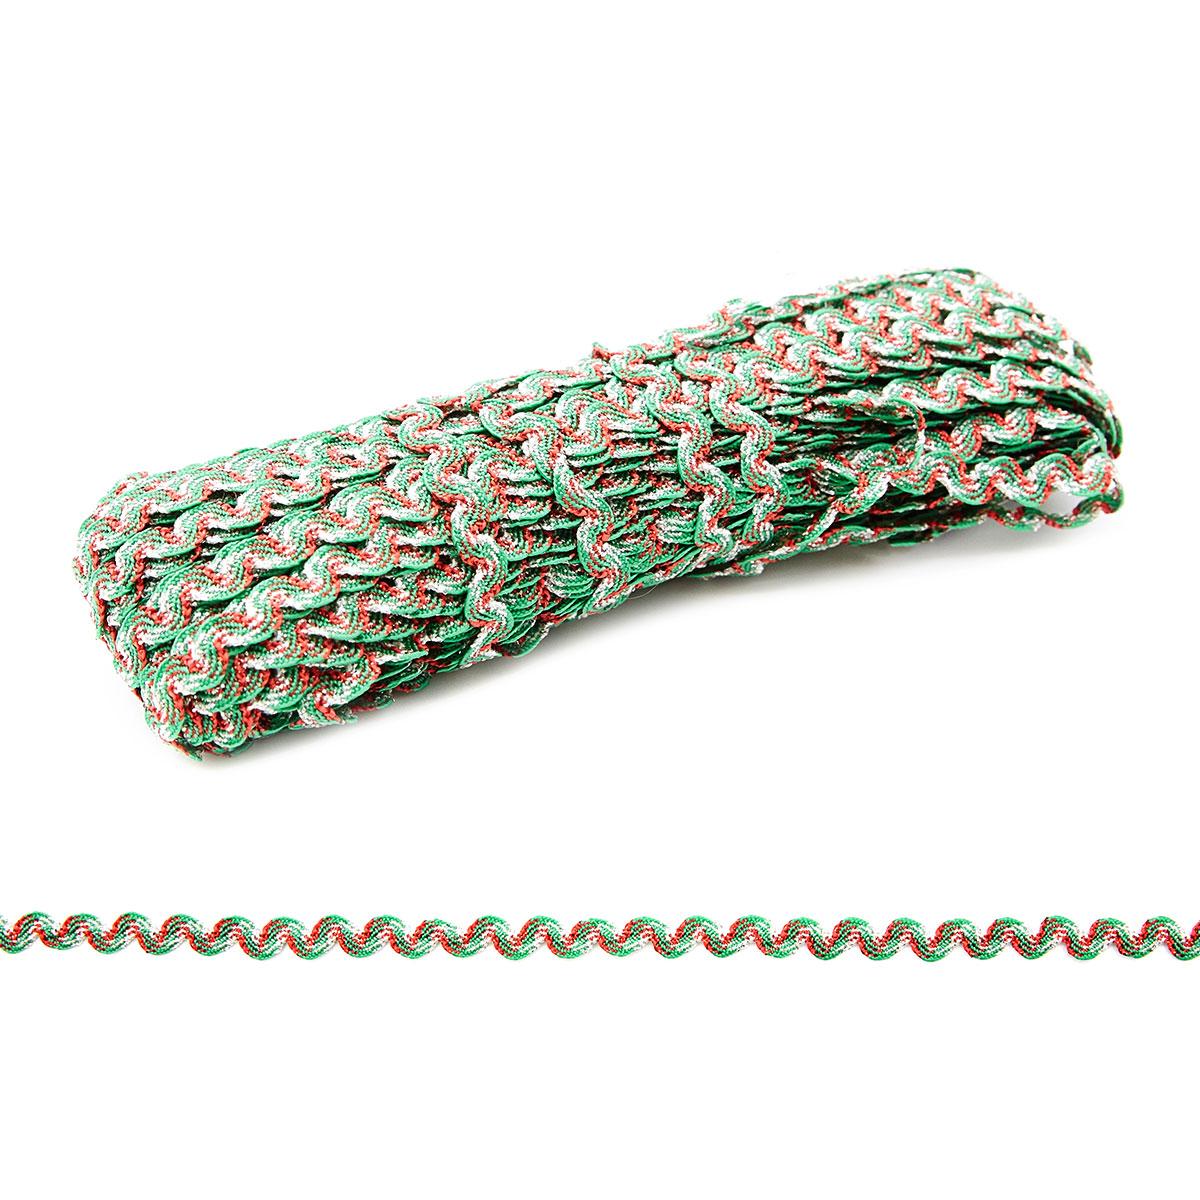 С3619 Тесьма-вьюнчик 'Радуга', 4 мм*20 м (4 красный/зеленый/серебро) фото